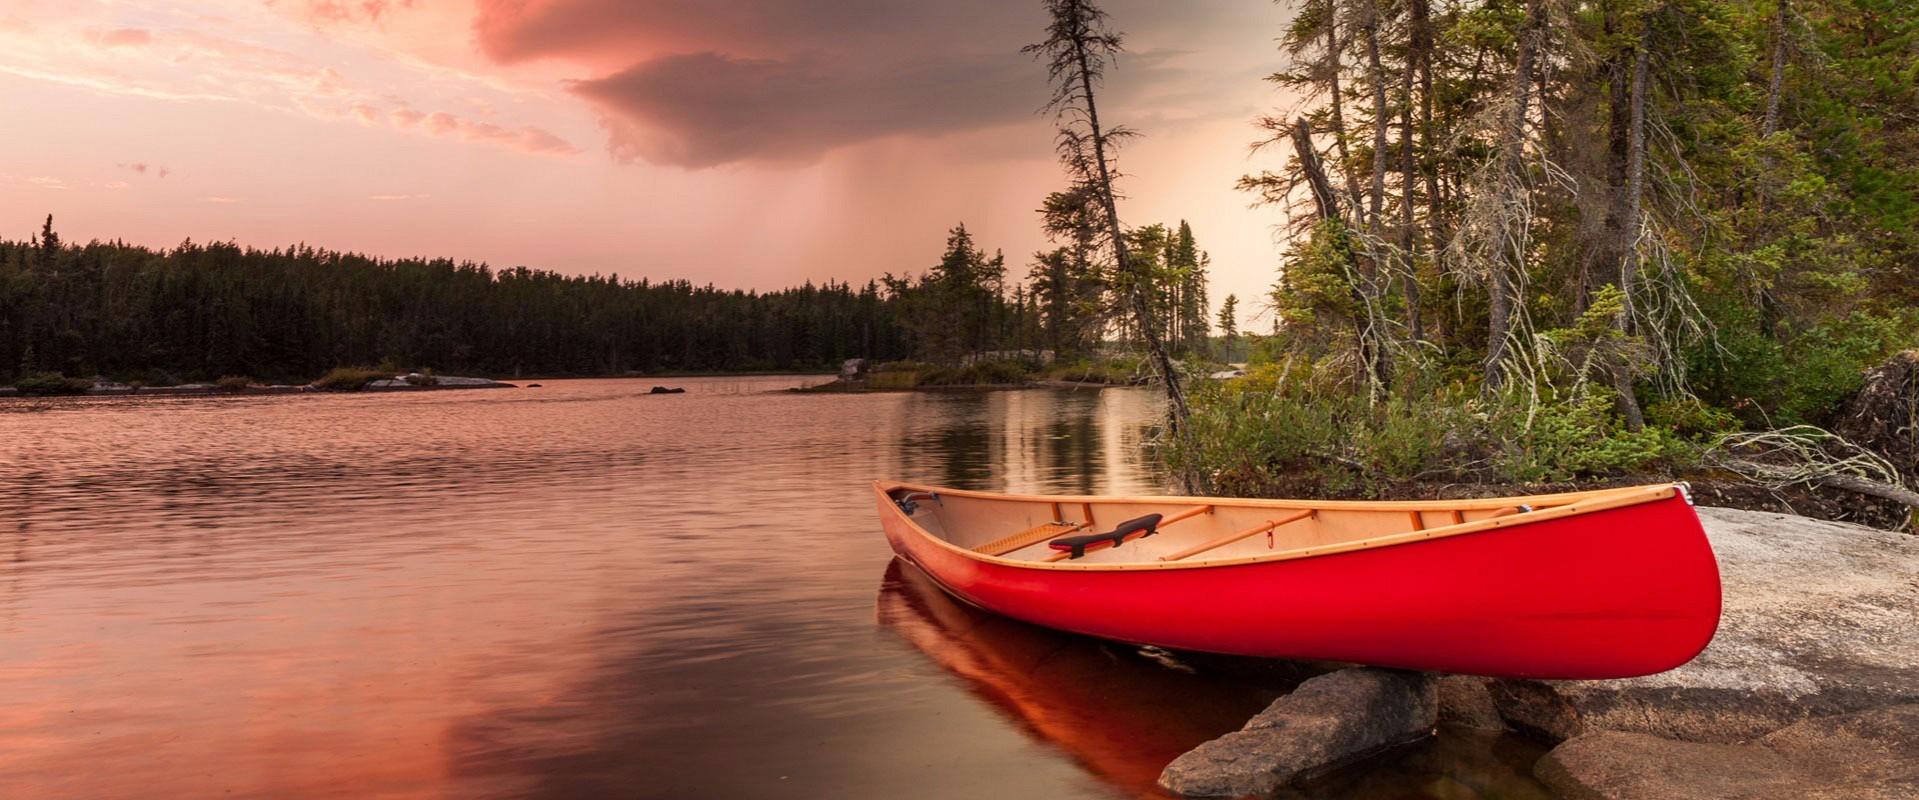 Canoe in Muskoka .jpg